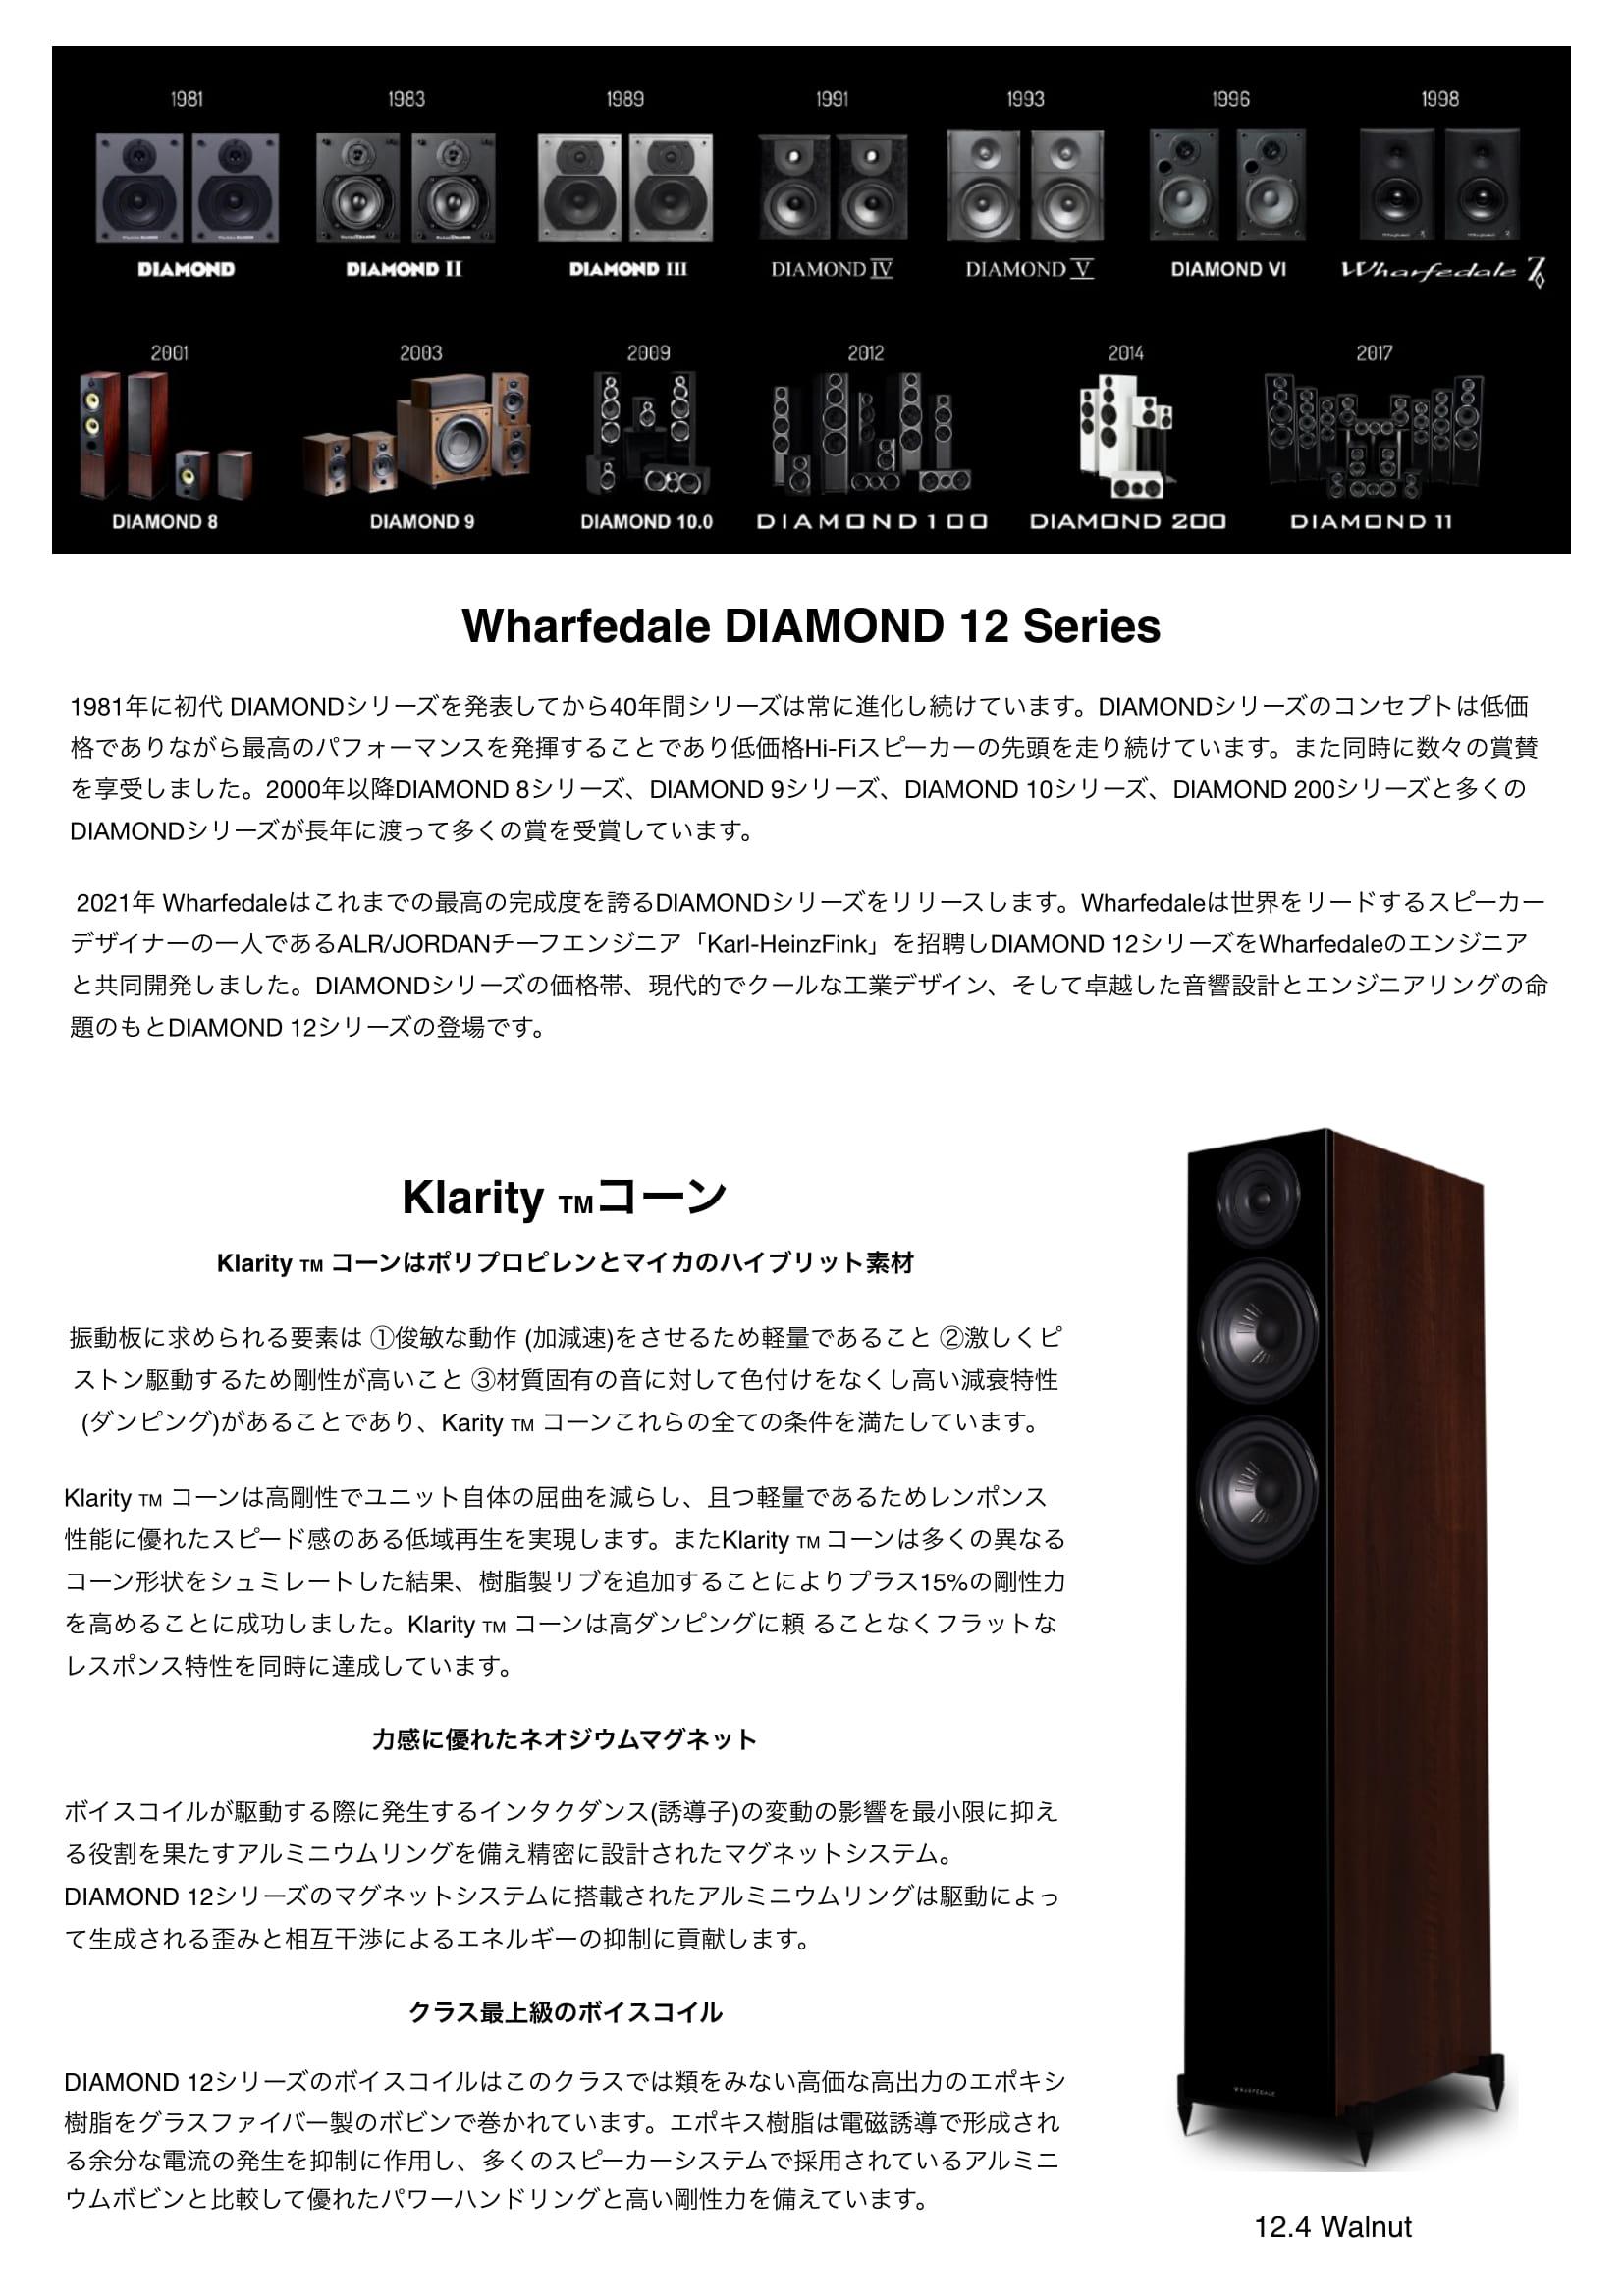 Diamond12カタログ(最新)(1ページ〜4ページ) のコピー (1)-2